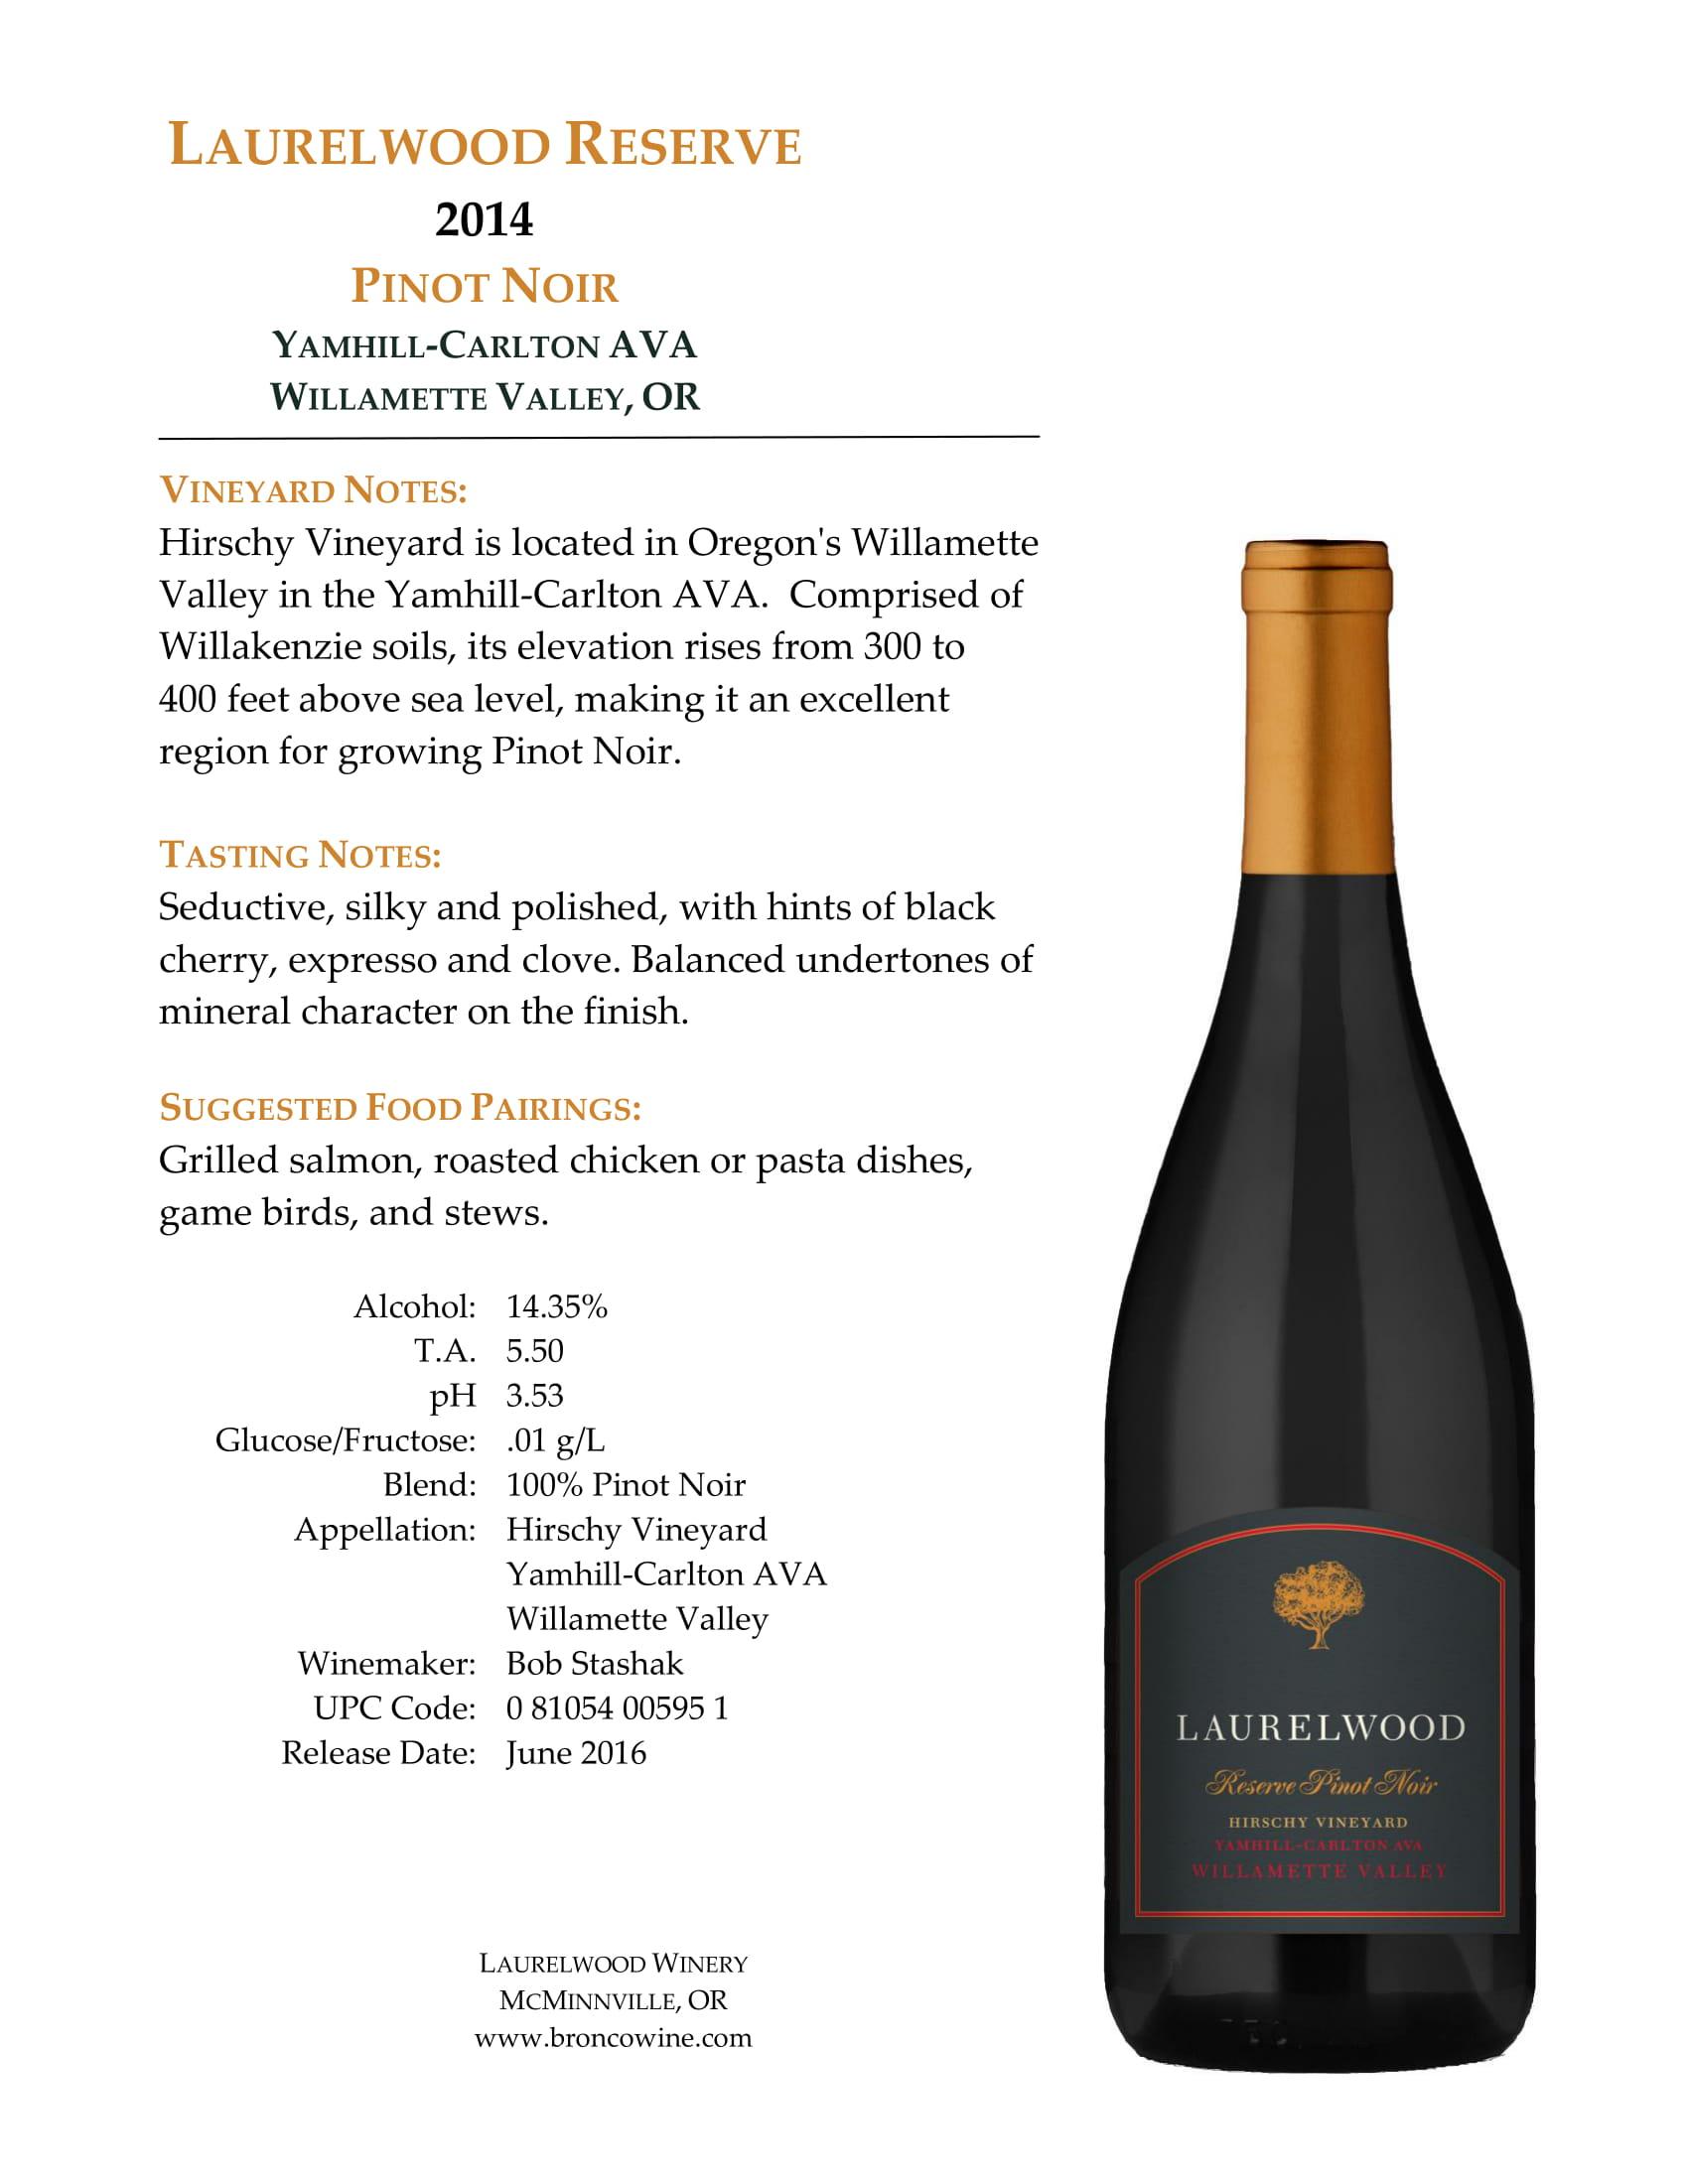 Laurelwood Reserve Pinot Noir Tech Sheet